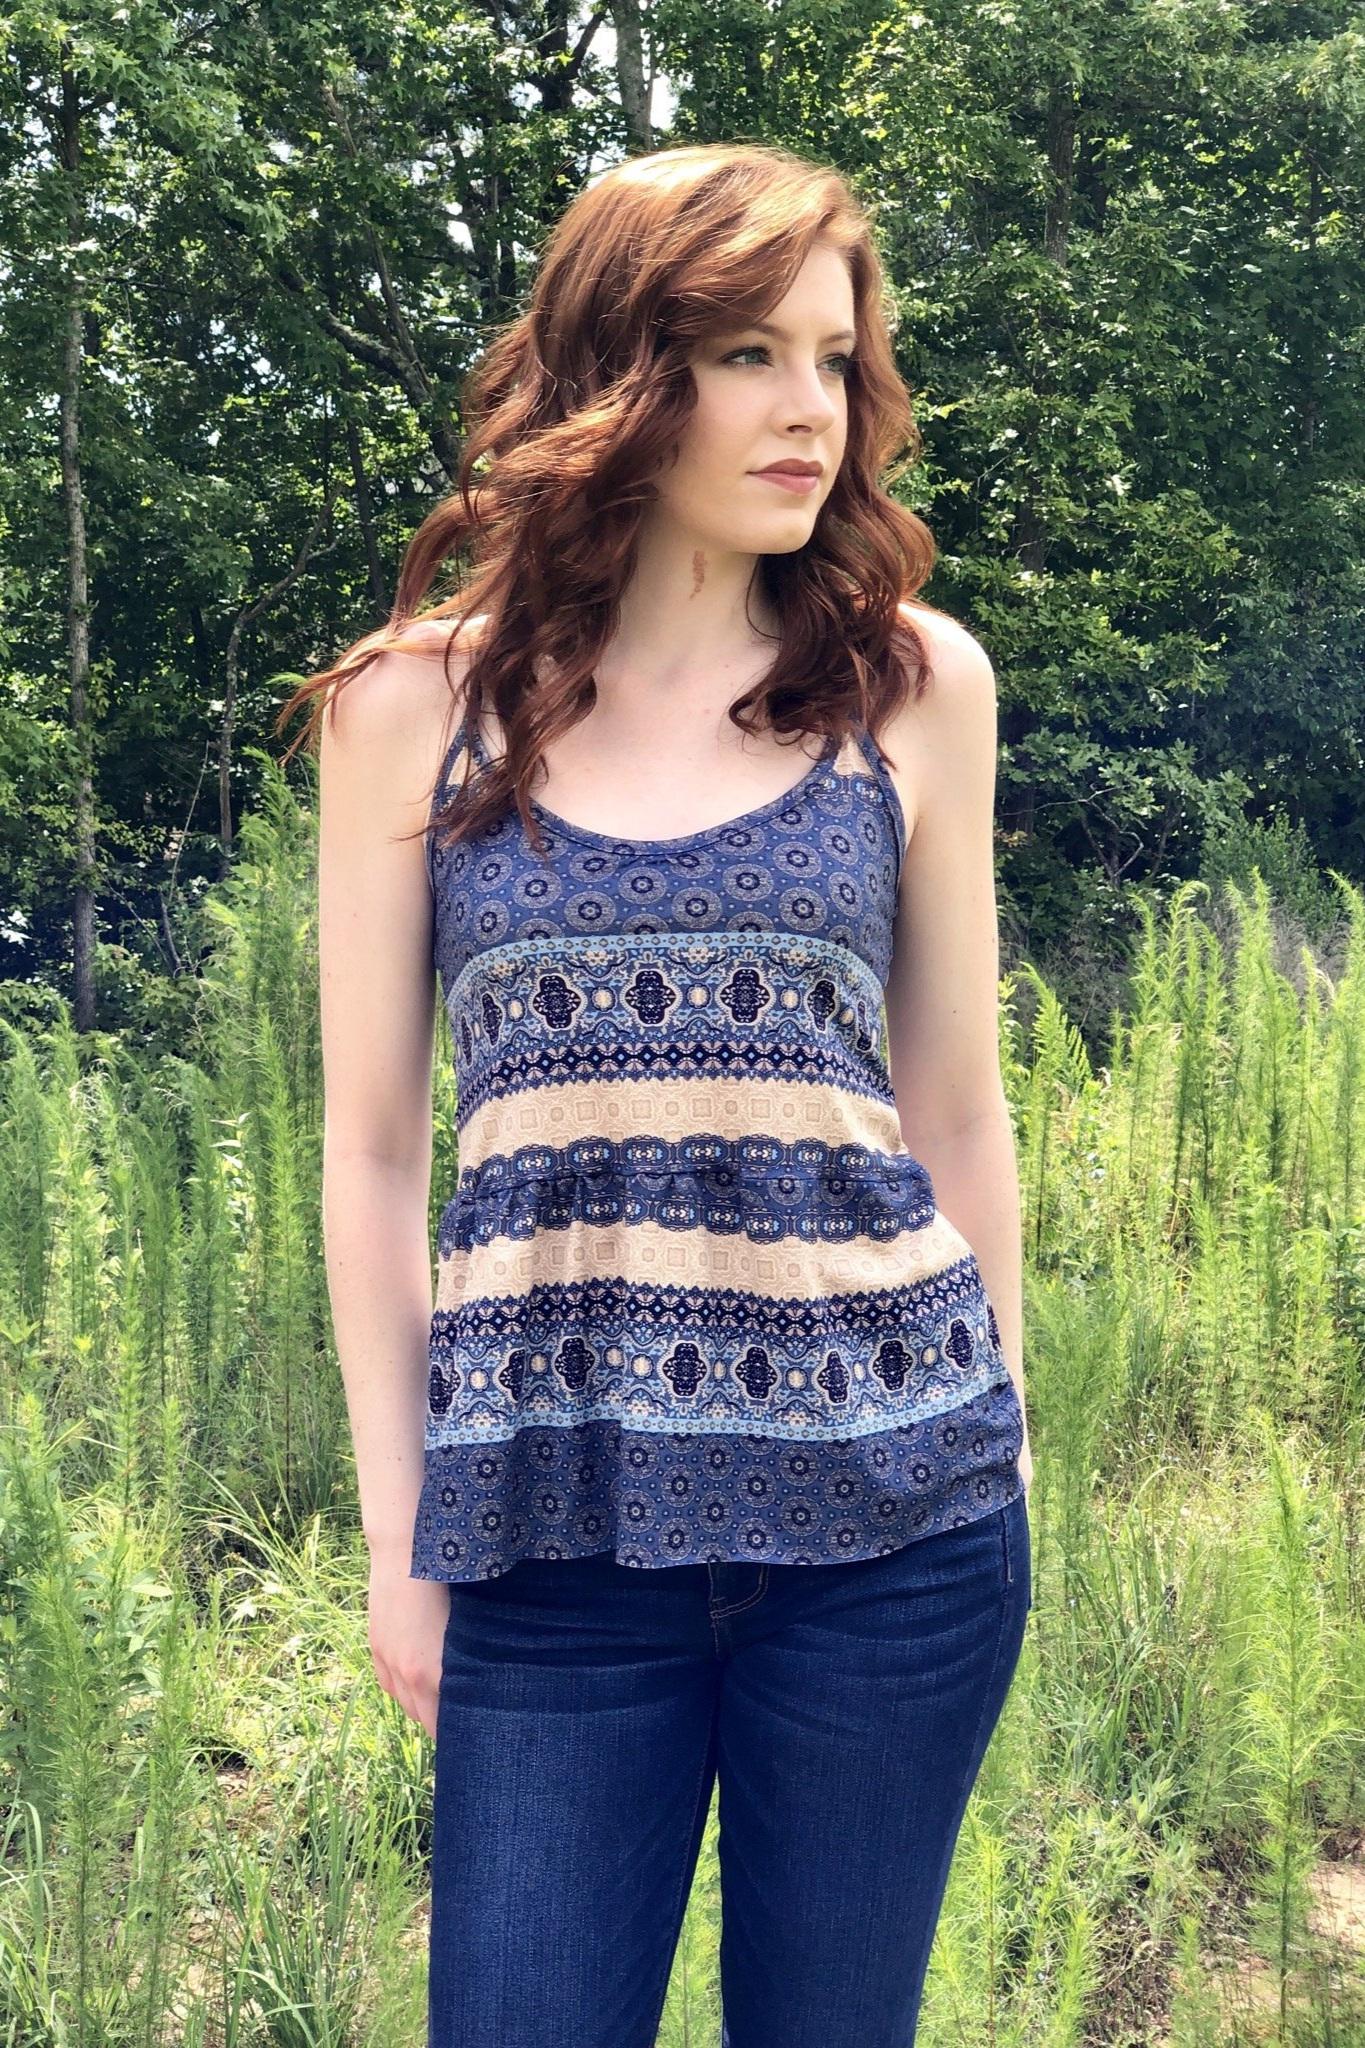 Floral Dreams Tank Top sewing pattern from Ellie & Mac